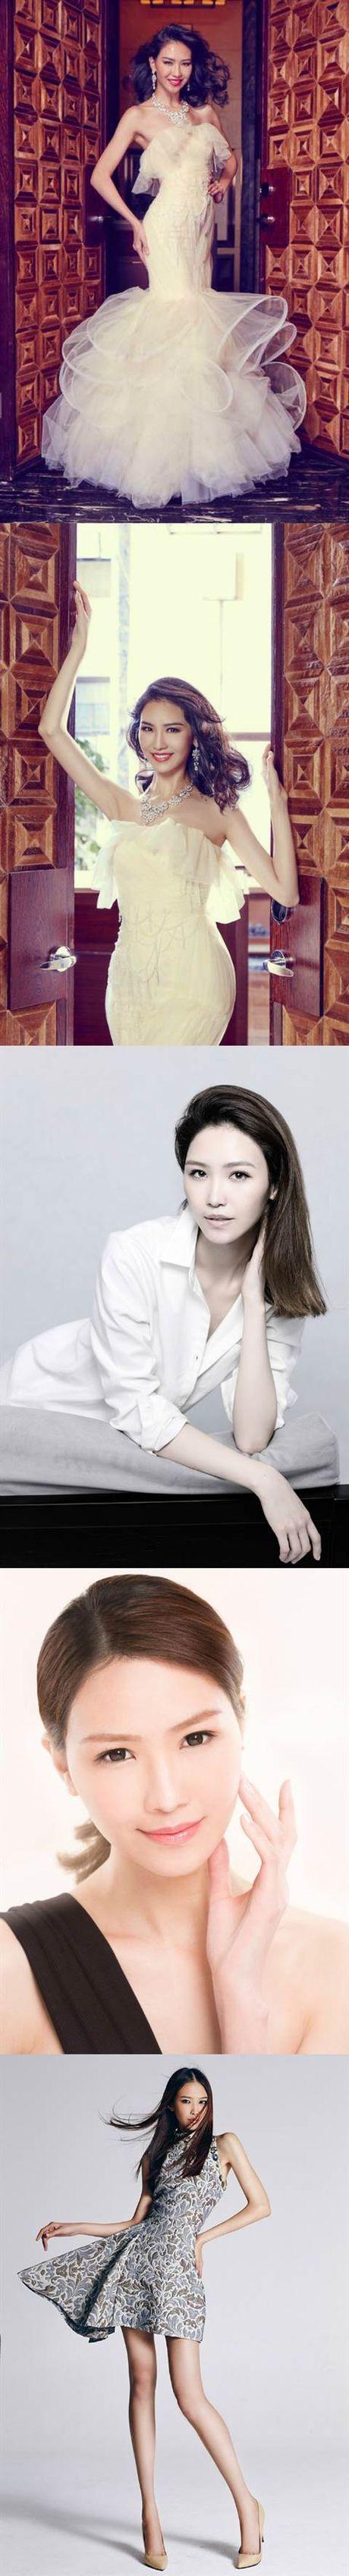 Hoa hau Hoan vu Trung Quoc khong xau te nhu don thoi - Anh 5